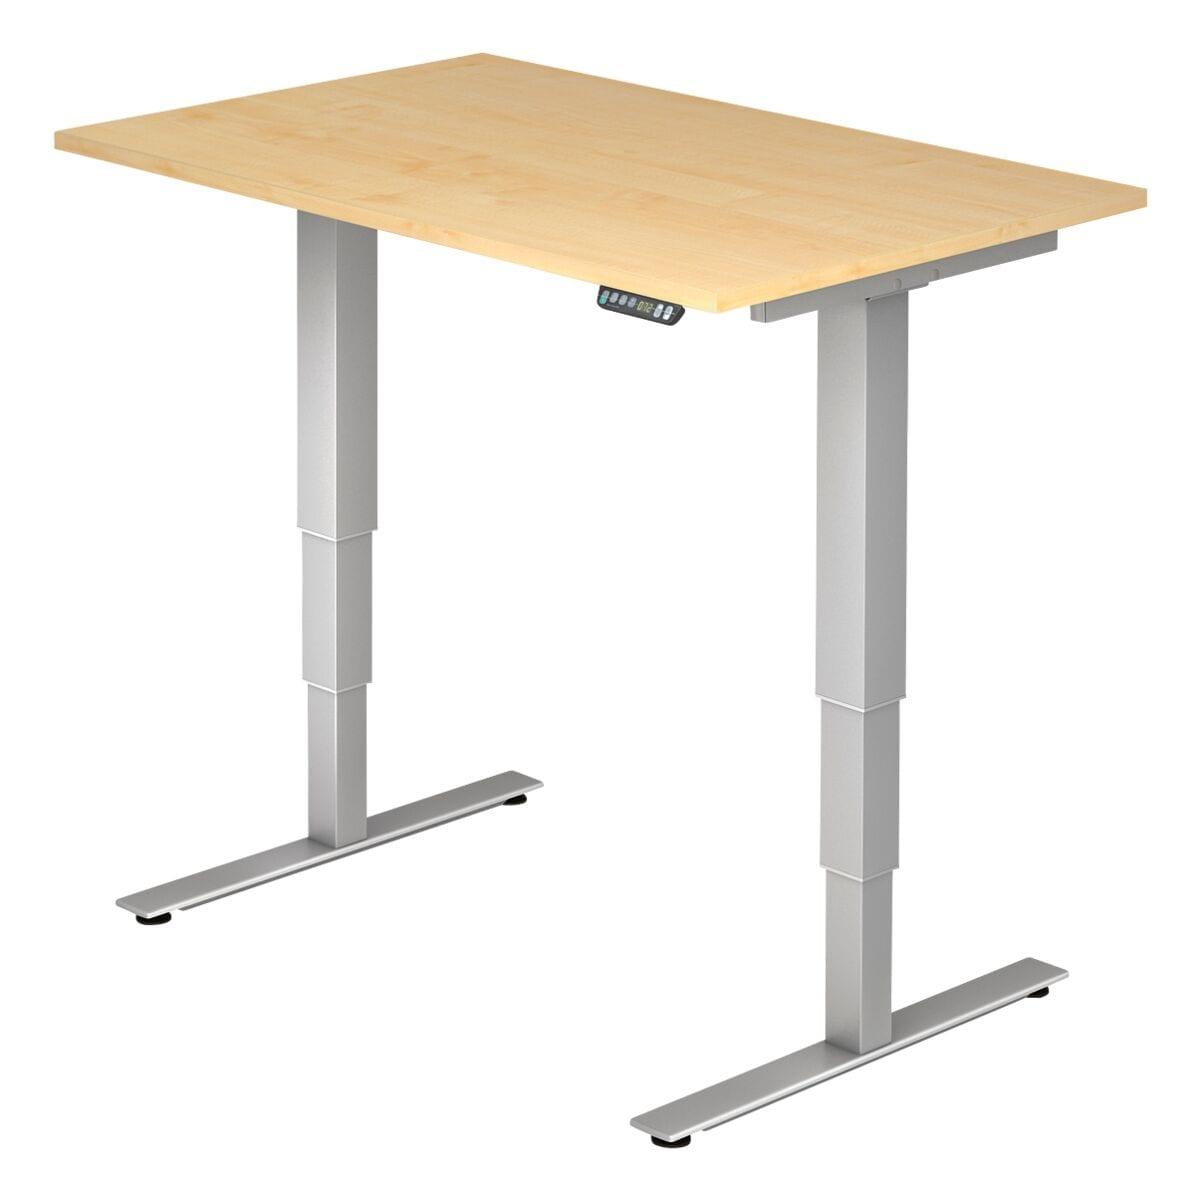 HAMMERBACHER Schreibtisch »Ergonomic« 120 cm, T-Fuß silberfarben